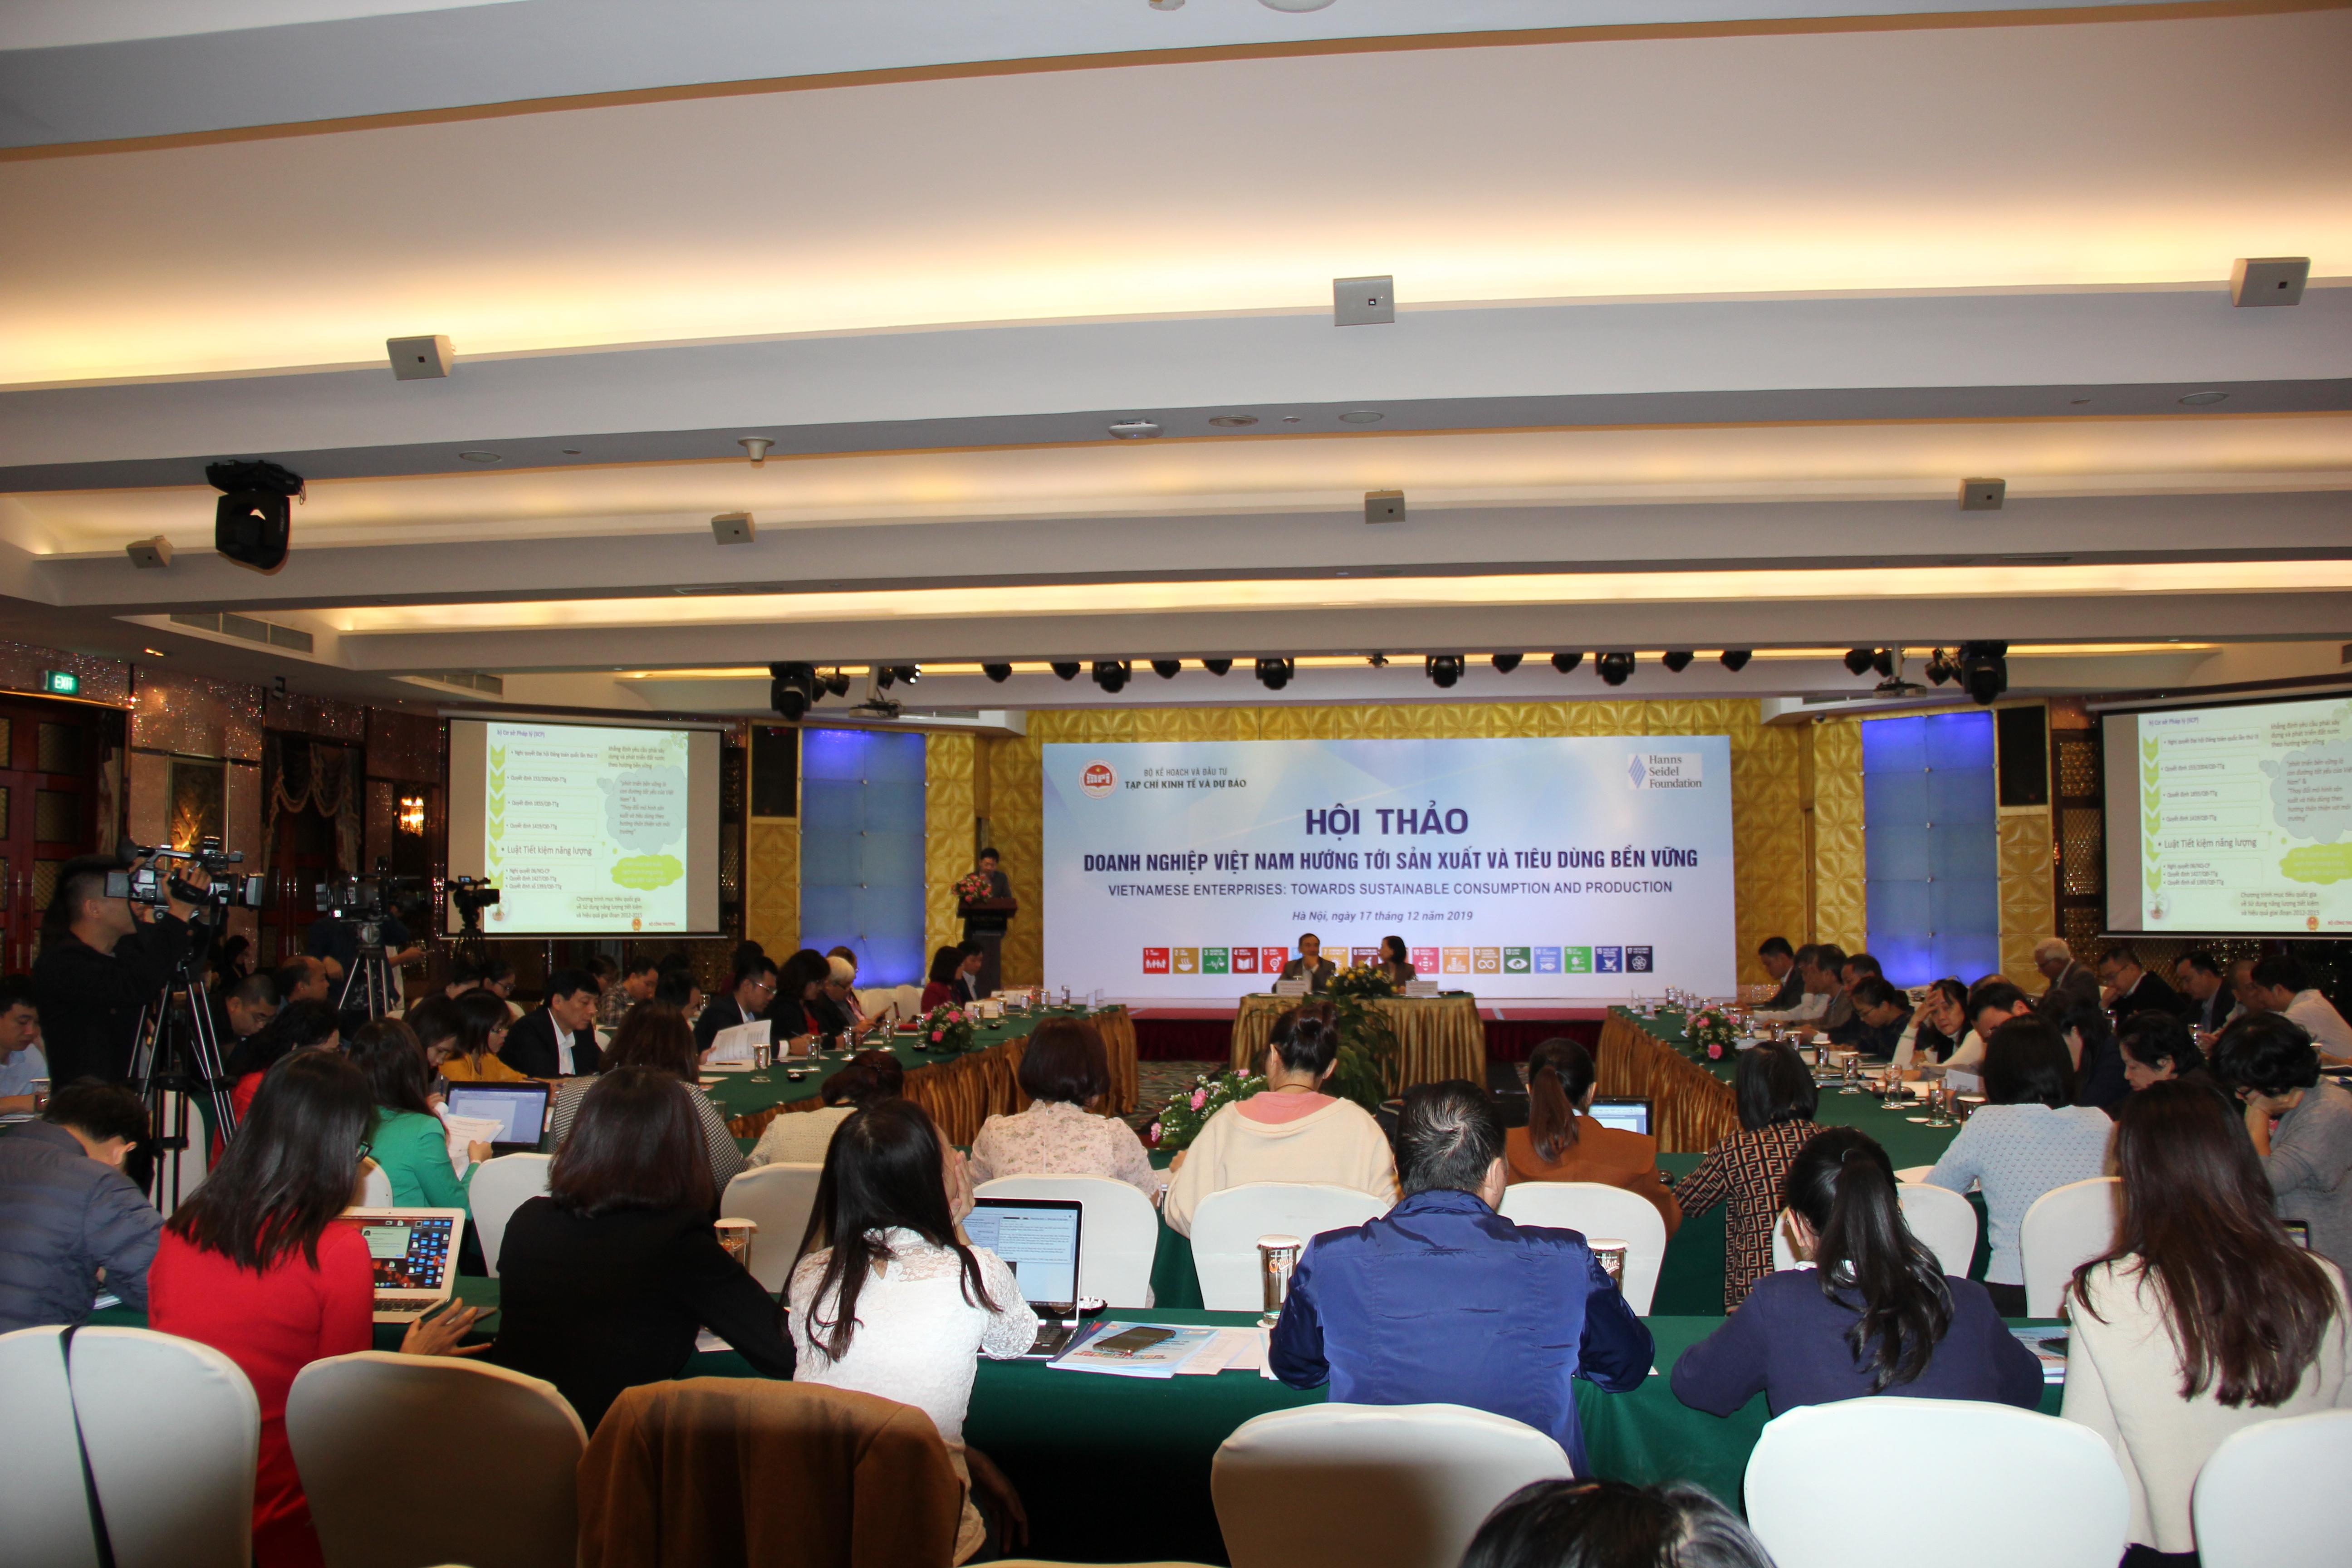 Sản xuất và tiêu dùng bền vững mang lại lợi ích kinh tế cho chính doanh nghiệp